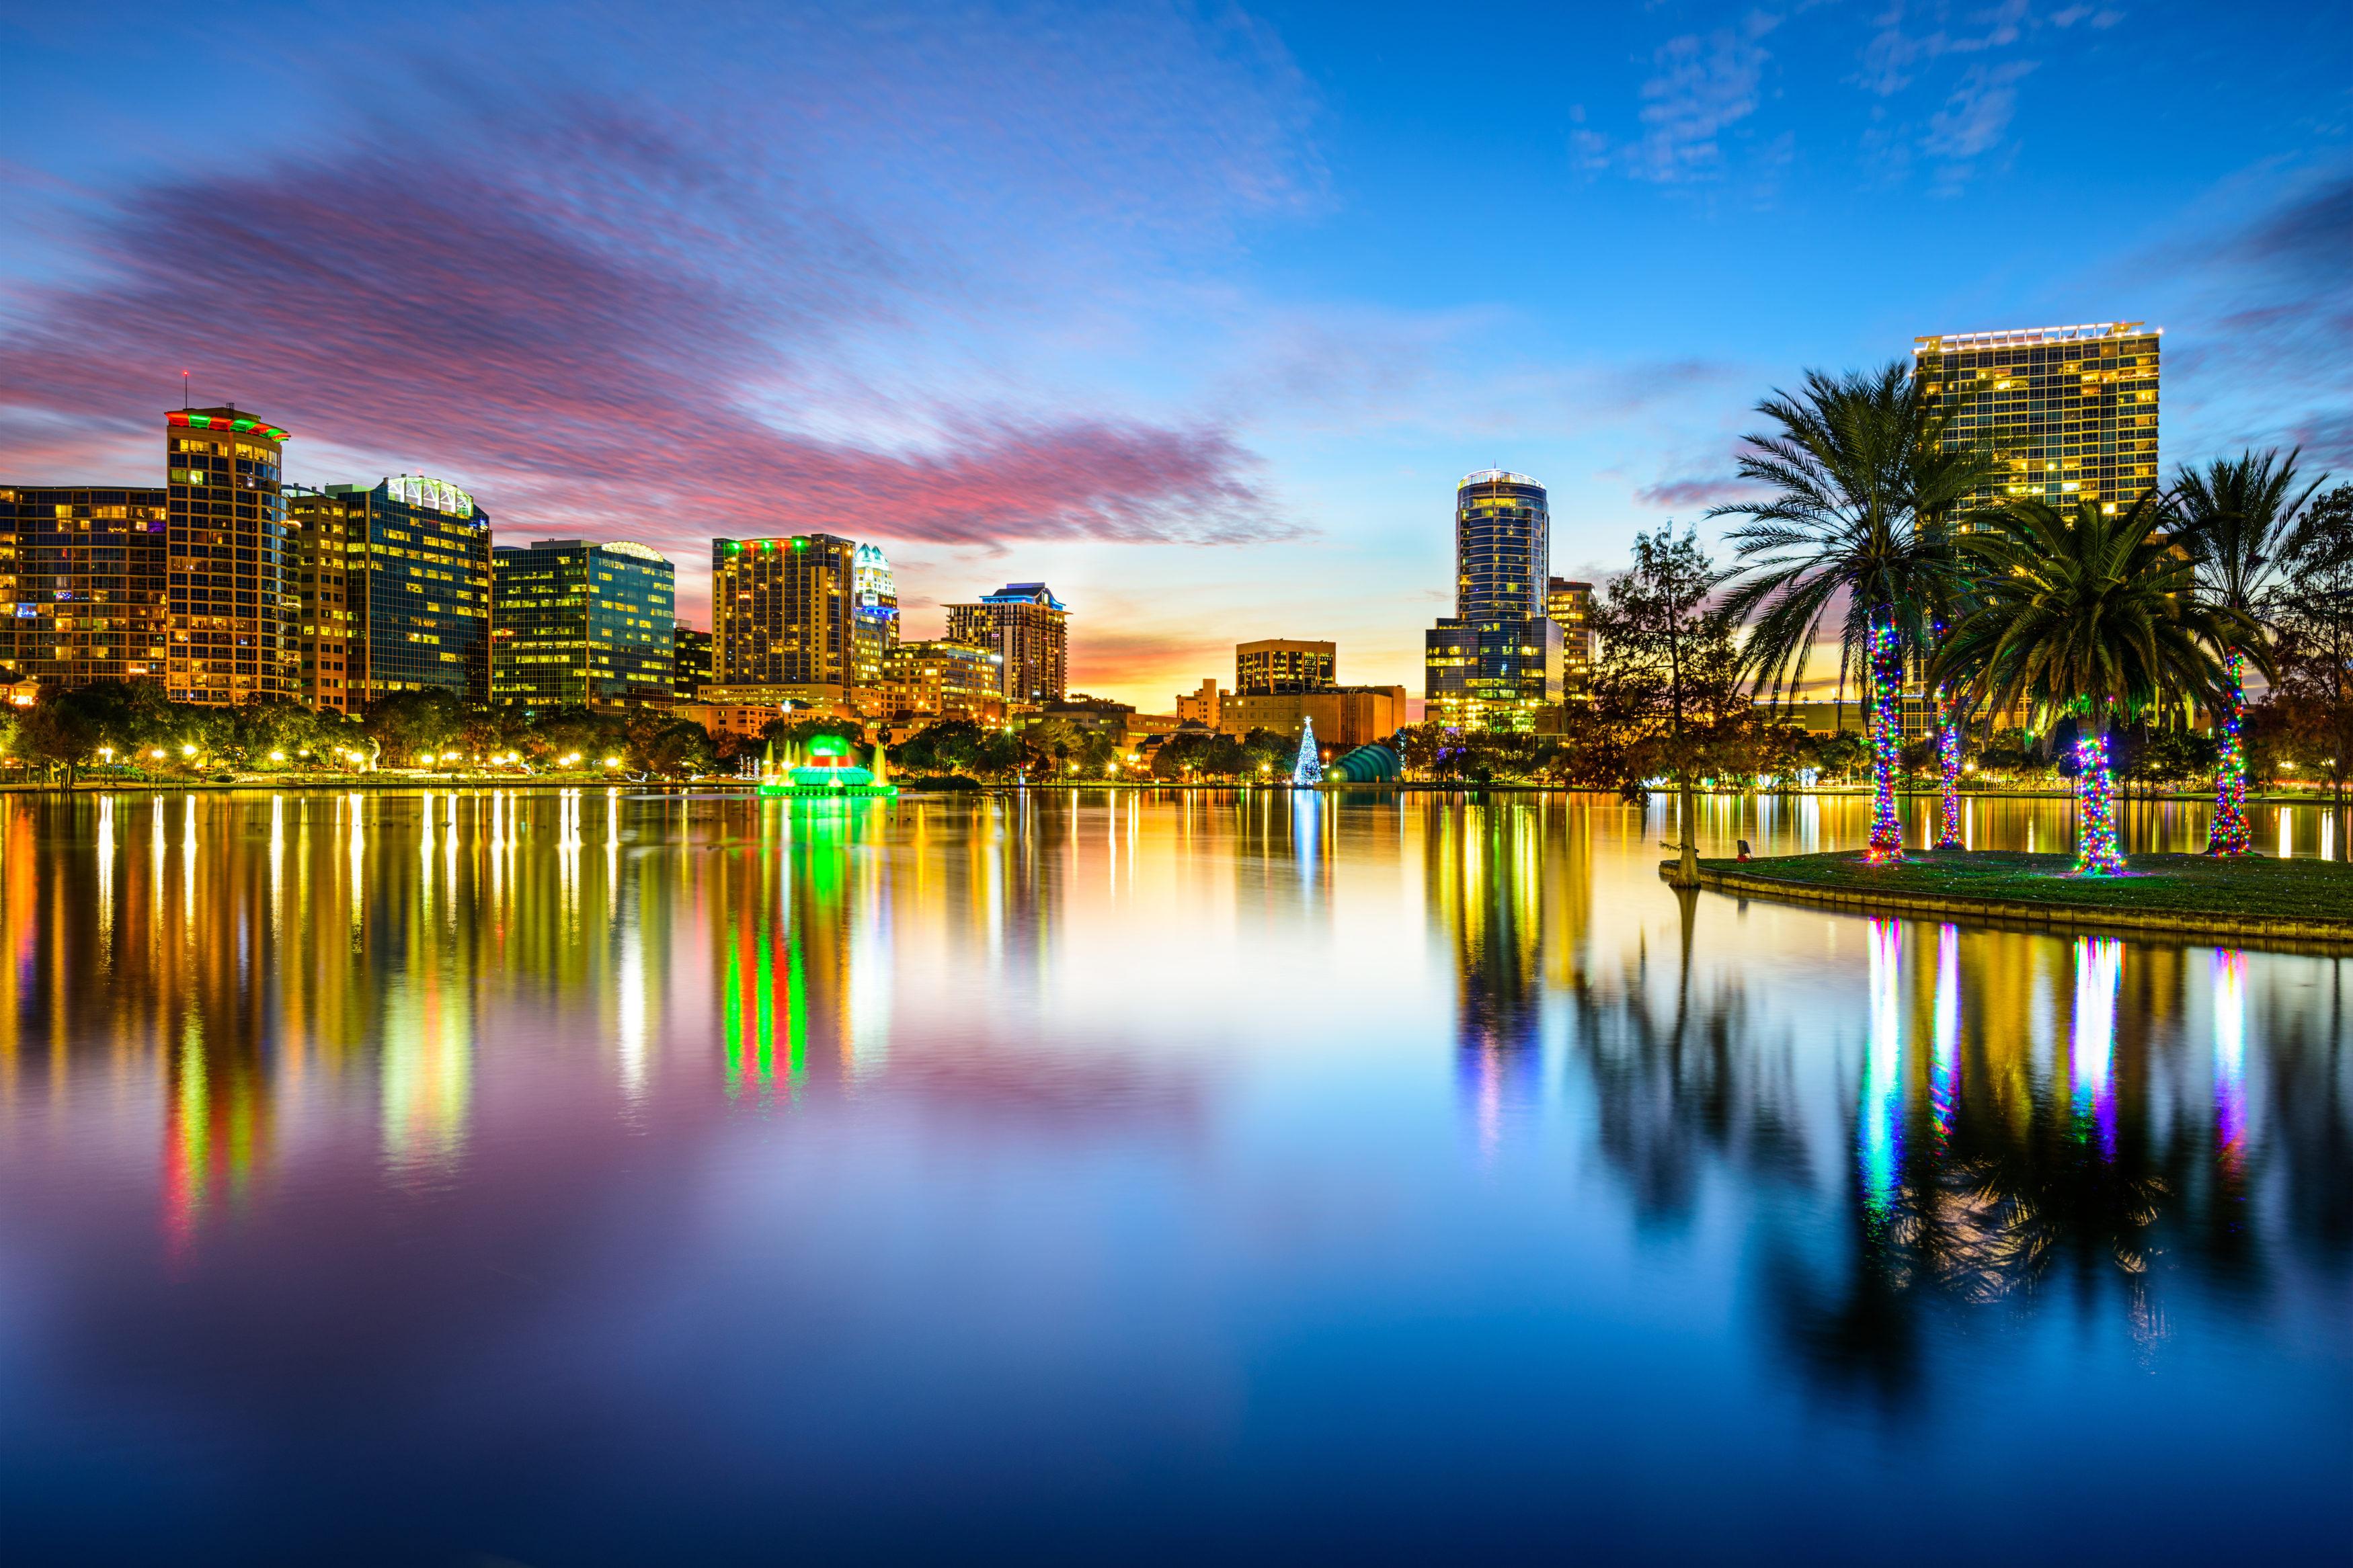 Orlando-City-Beautiful-3500x2333.jpeg